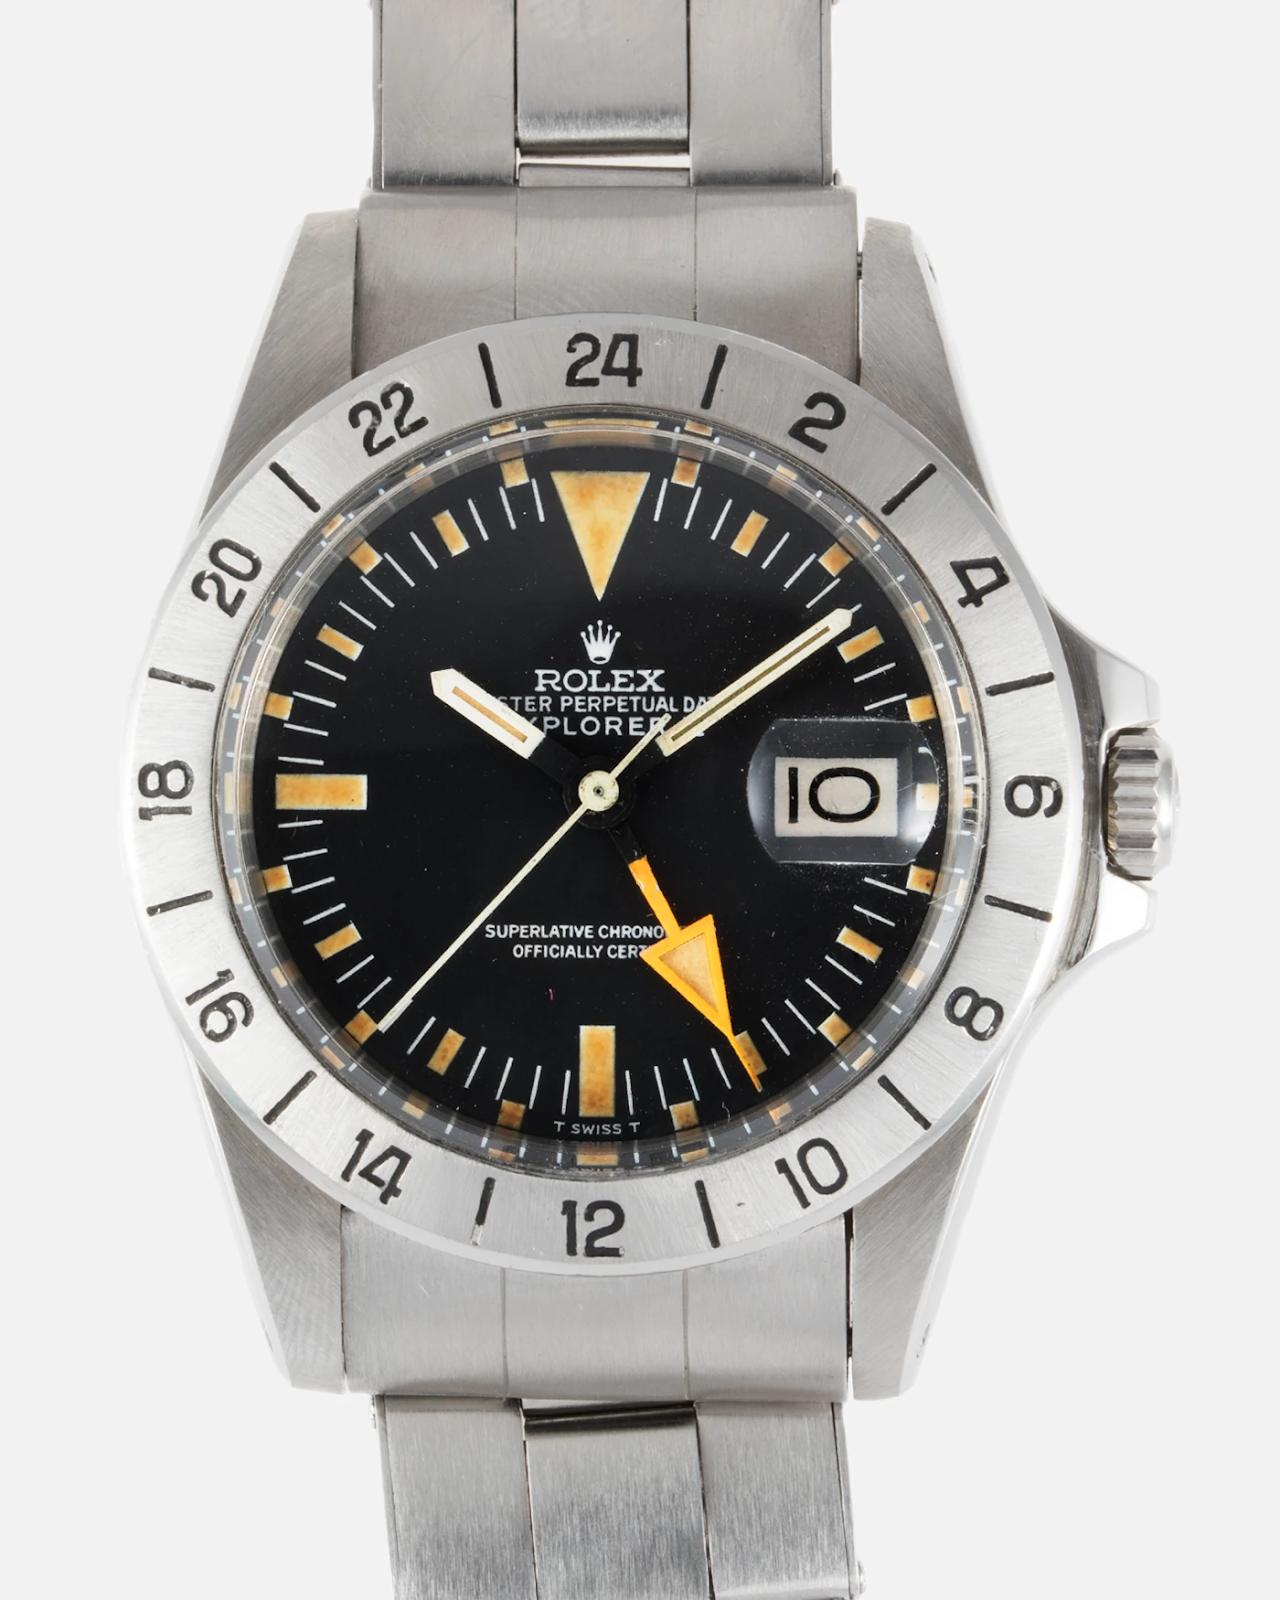 Rolex Explorer II Ref 1655 'Freccione' Price